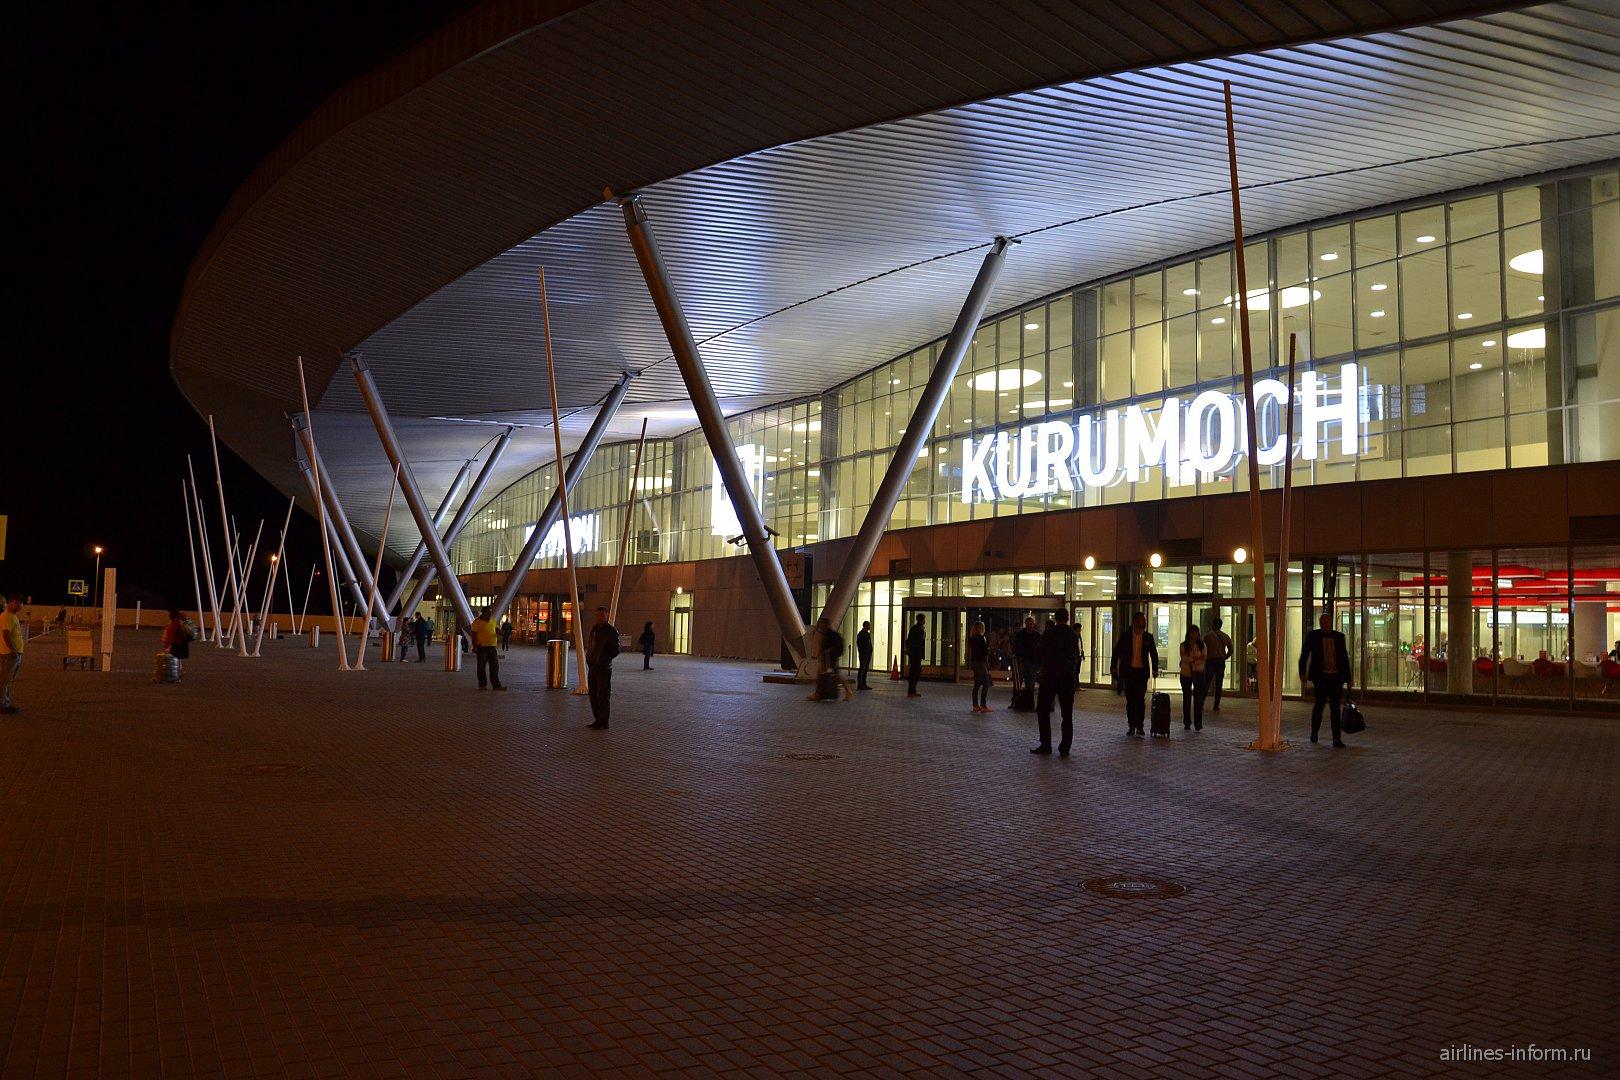 Пассажирский терминал аэропорта Самара Курумоч ночью